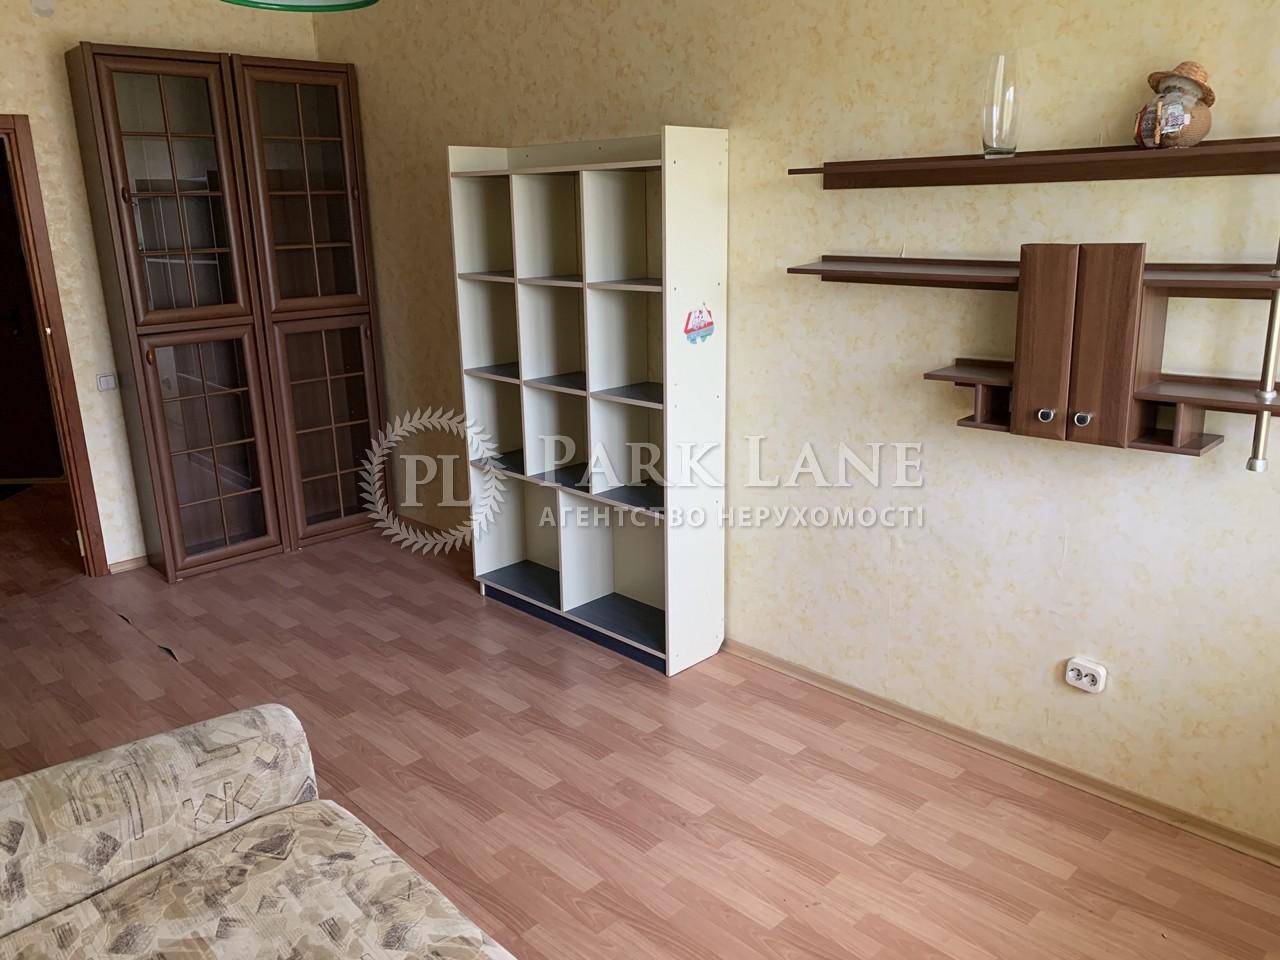 Квартира I-32919, Сырецкая, 32, Киев - Фото 11